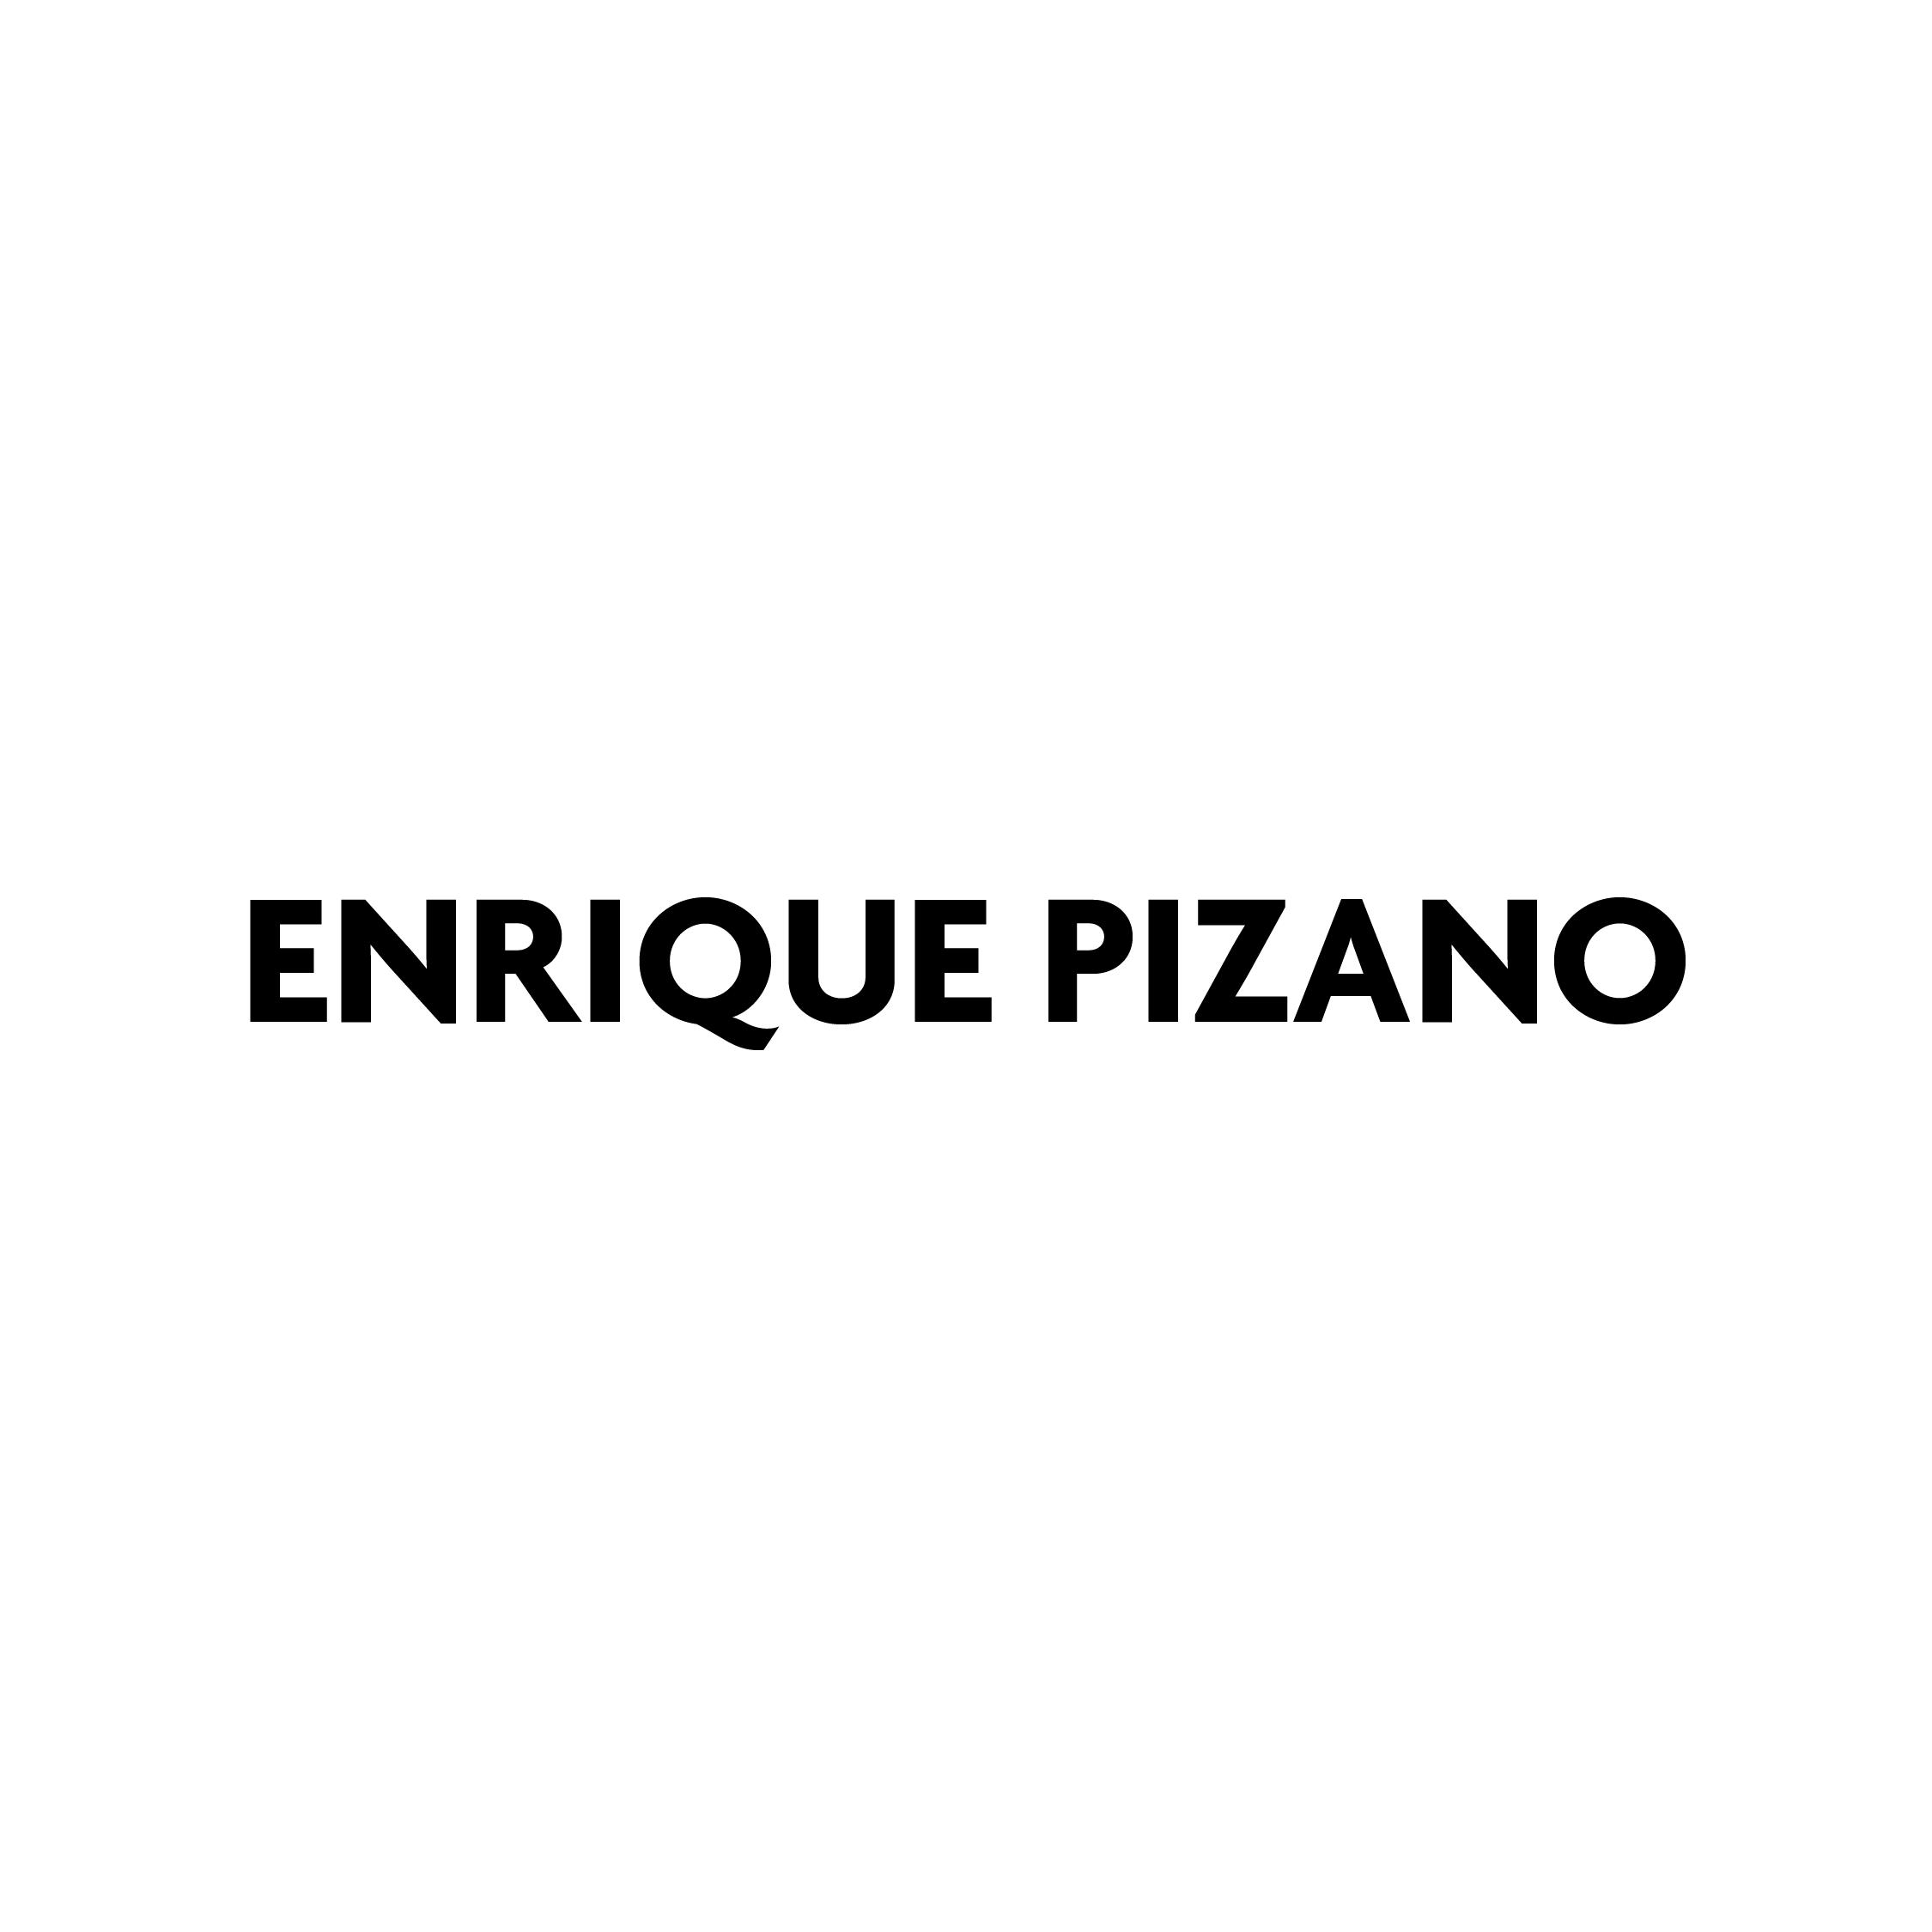 Enrique Pizano